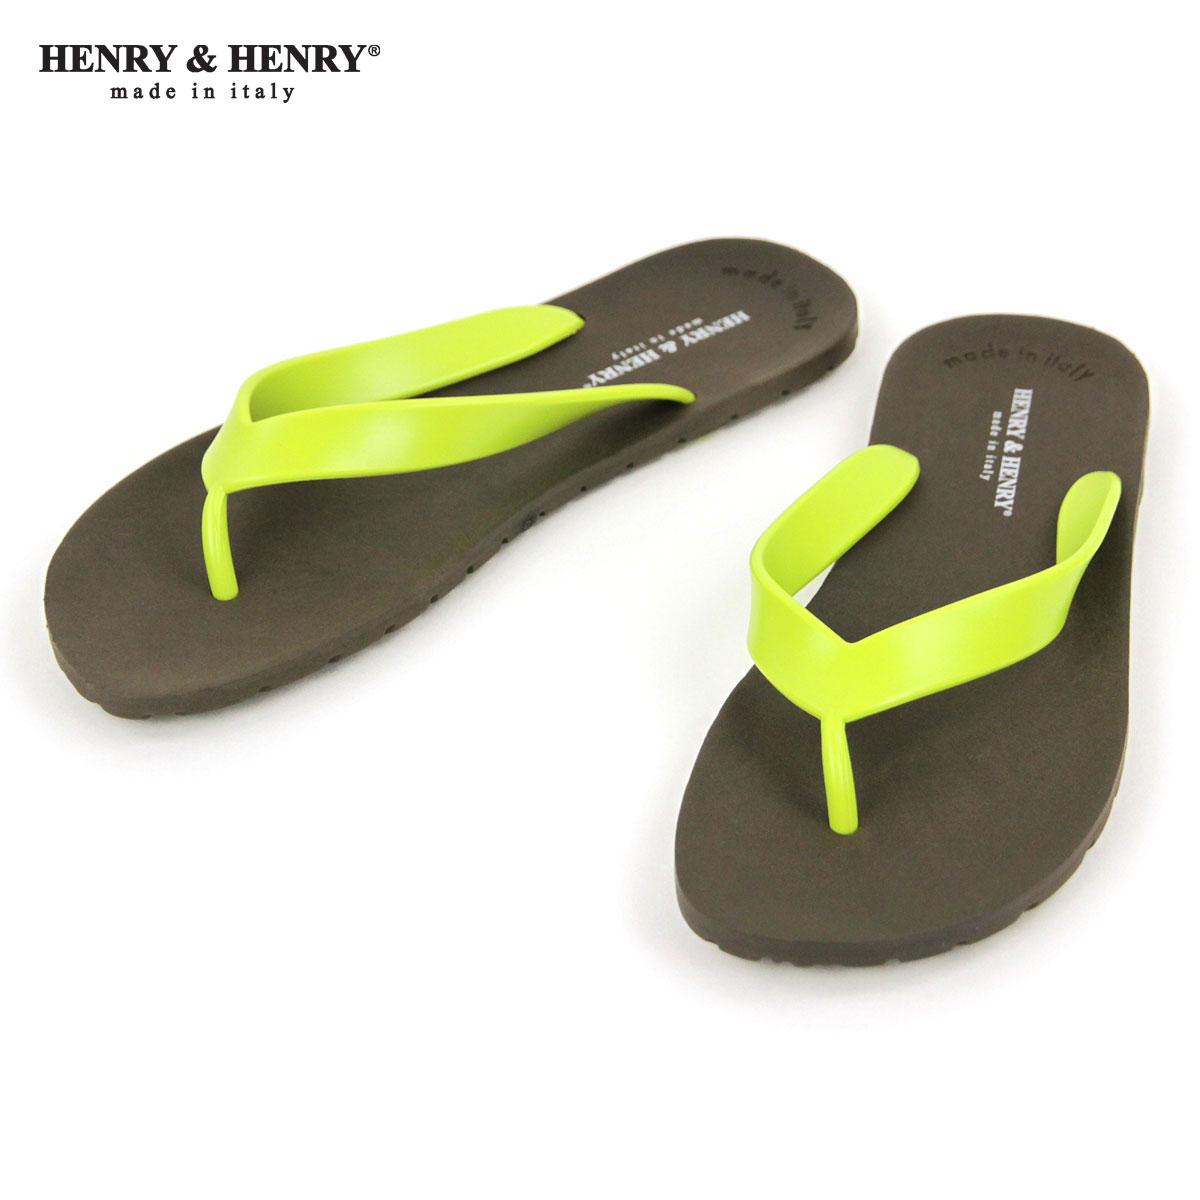 ヘンリーアンドヘンリー HENRY&HENRY 正規販売店 サンダル フリッパー FRIPPER SANDAL MARRON / LIME 29/7 A66B B3C C4D D3E E04F